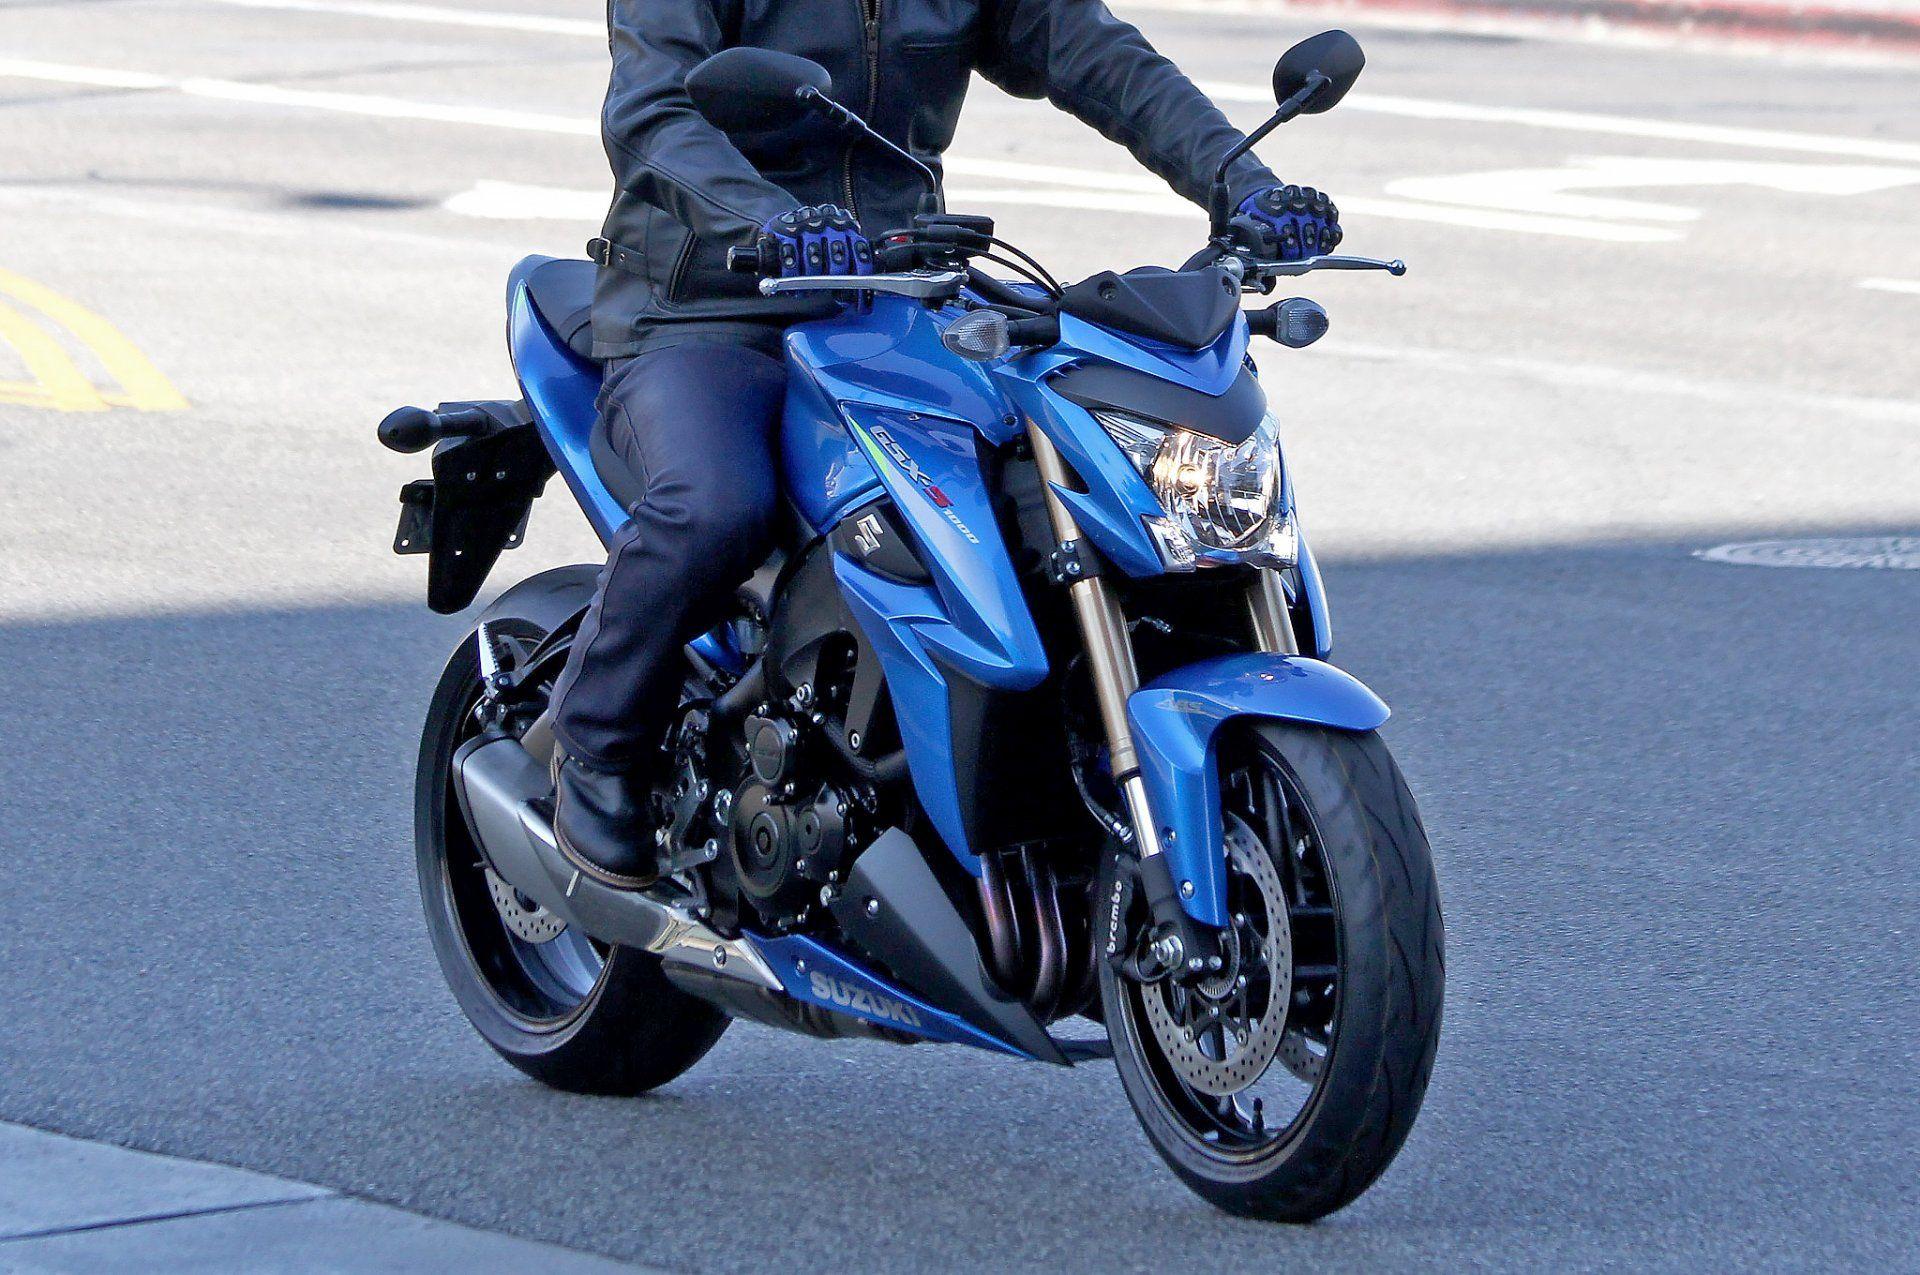 les conseils pour choisir son cole et passer son permis moto moto scooter motos d 39 occasion. Black Bedroom Furniture Sets. Home Design Ideas